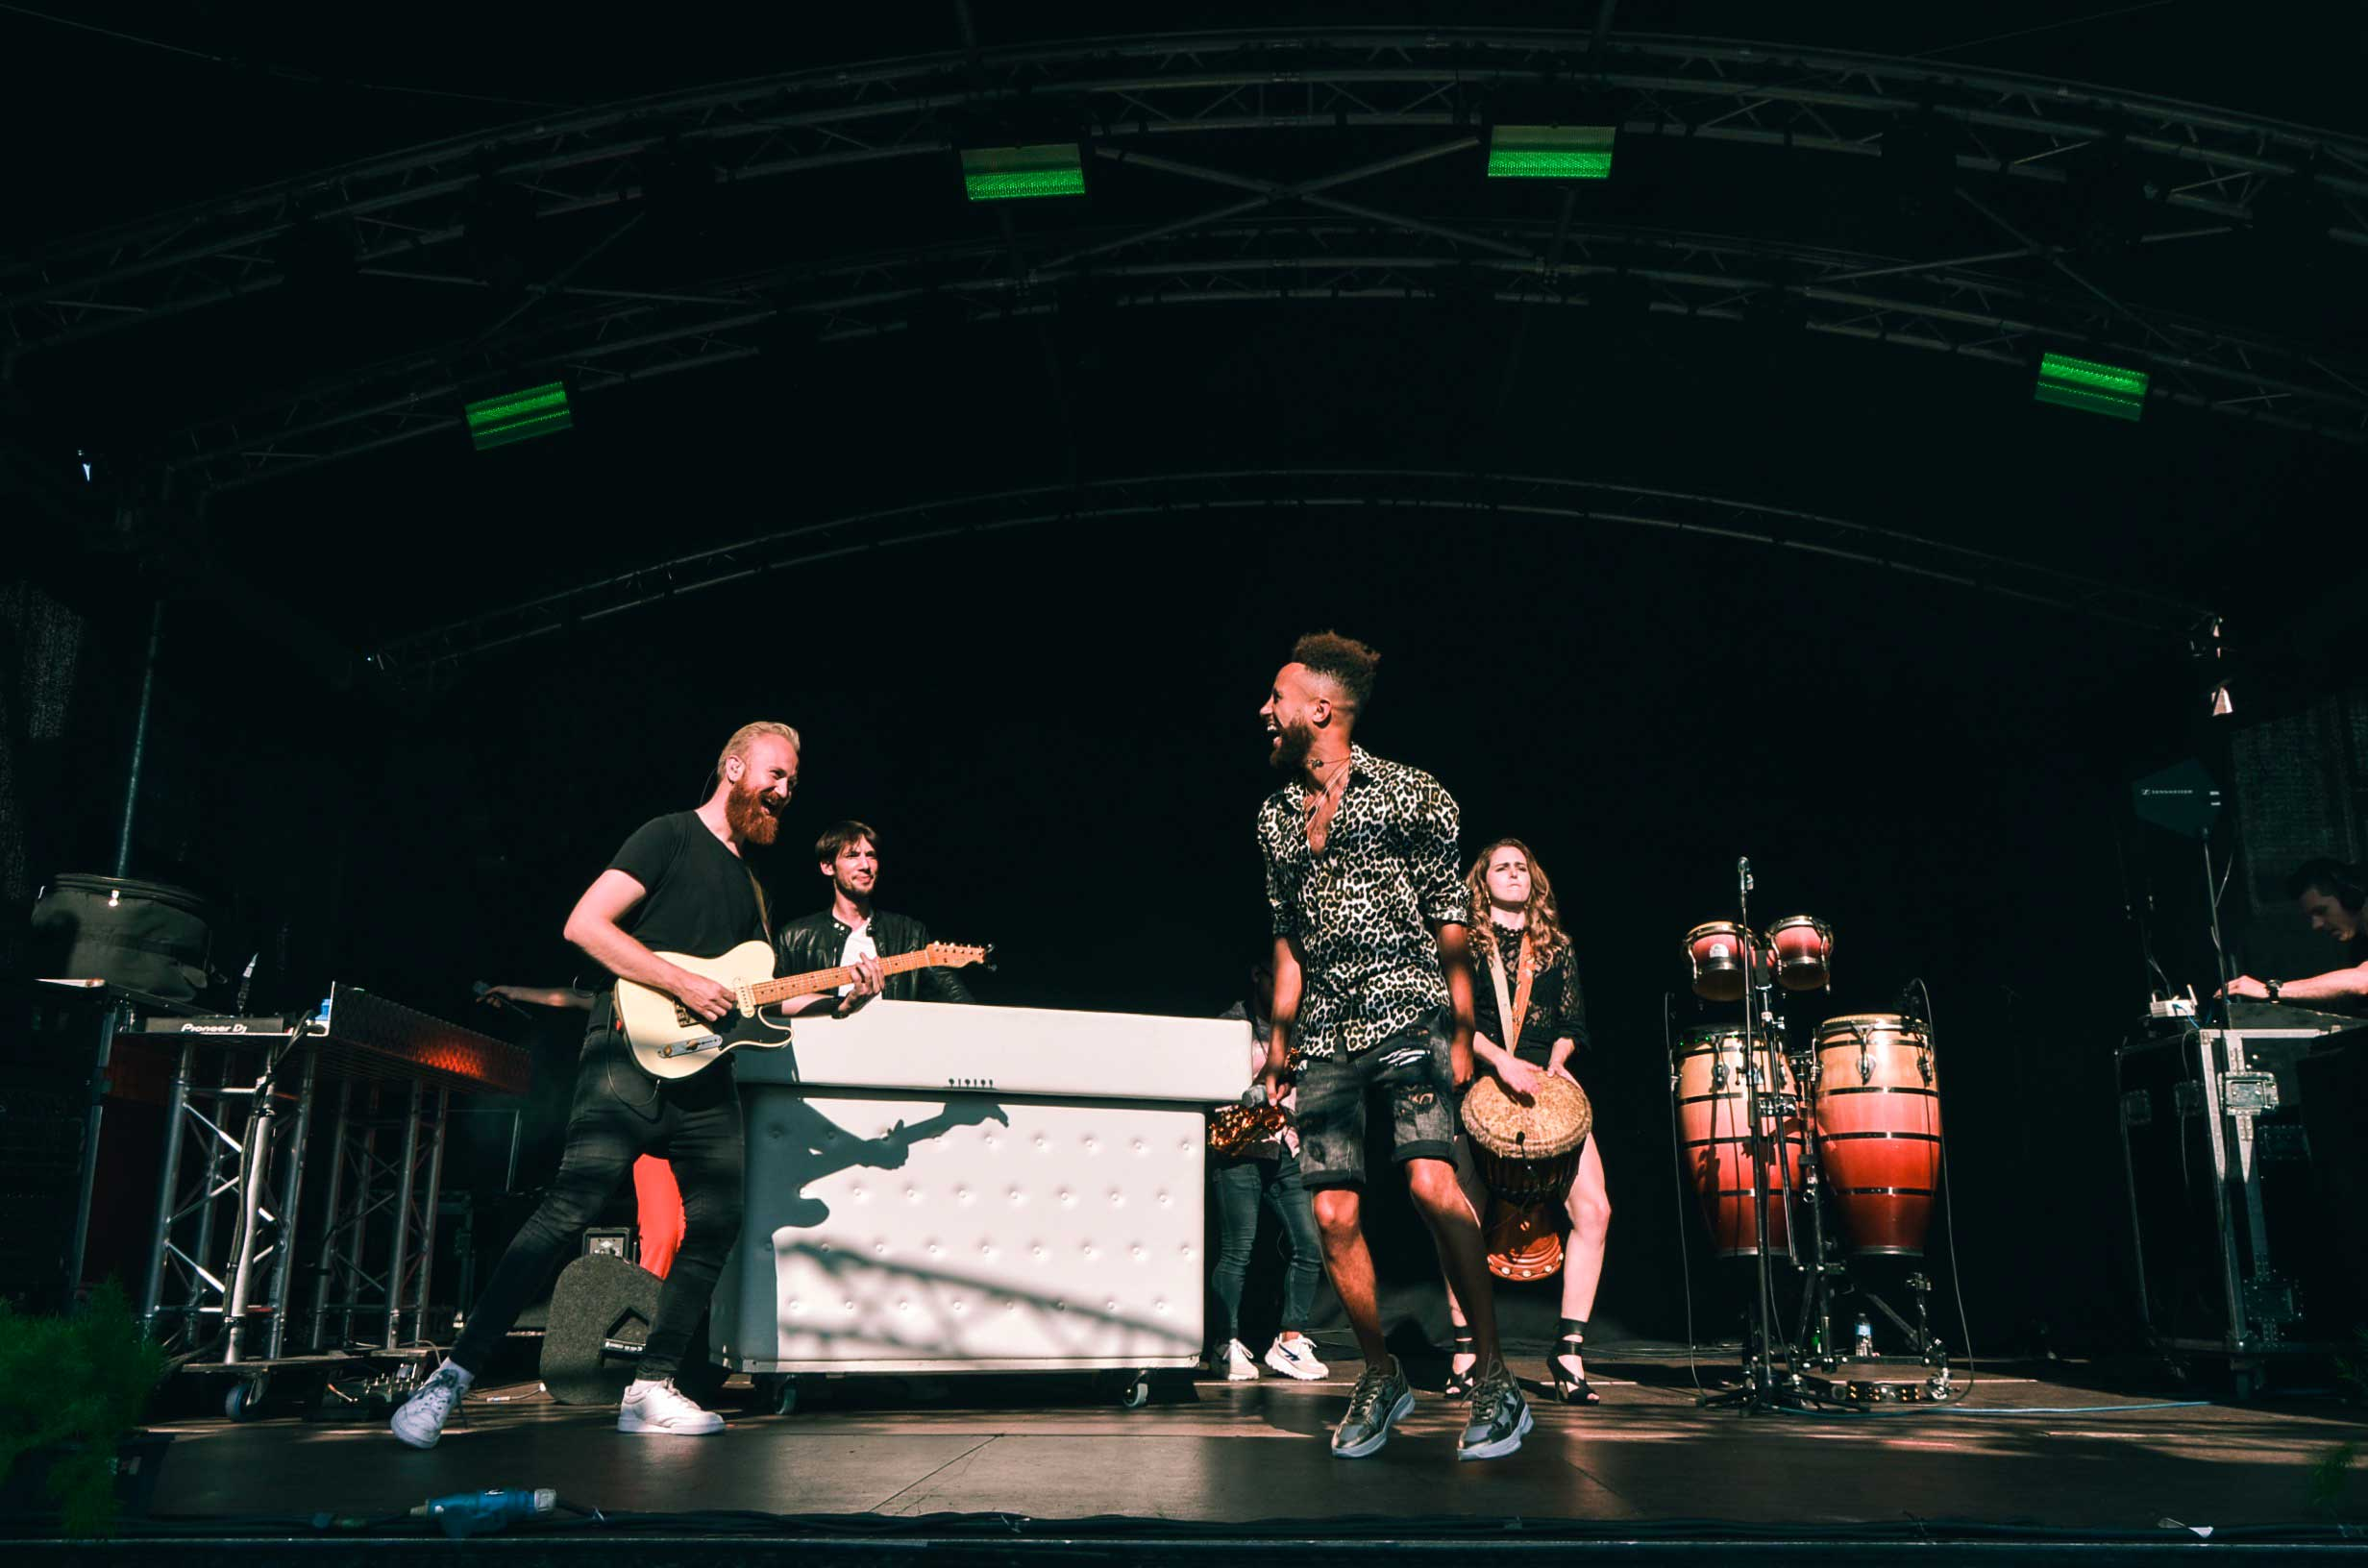 FloorJaxx-24uurvanmontfoort-dj-act-live-6